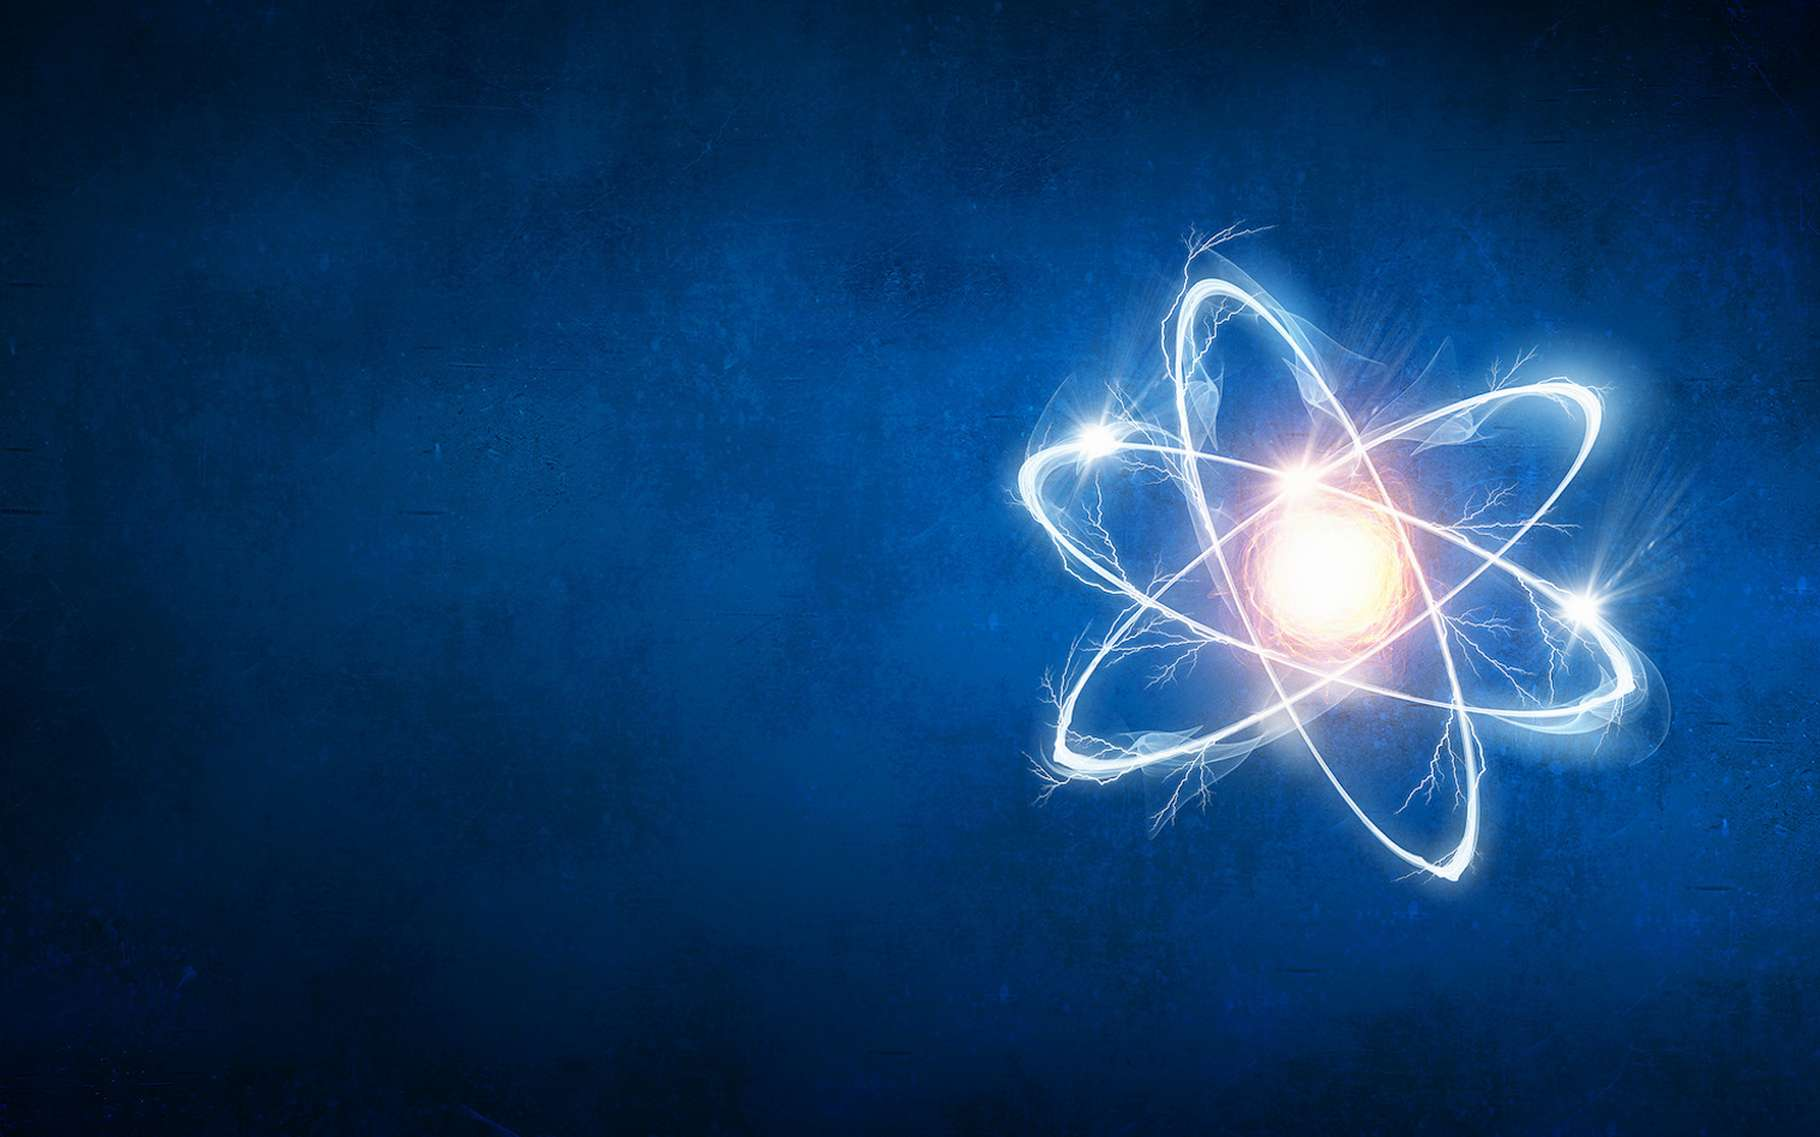 Au cœur de chaque atome, il y a au moins un proton. Ainsi la particule fait-elle l'objet de nombreuses études visant à en révéler les secrets. Parmi lesquels, sa taille. © Sergey Nivens, Fotolia